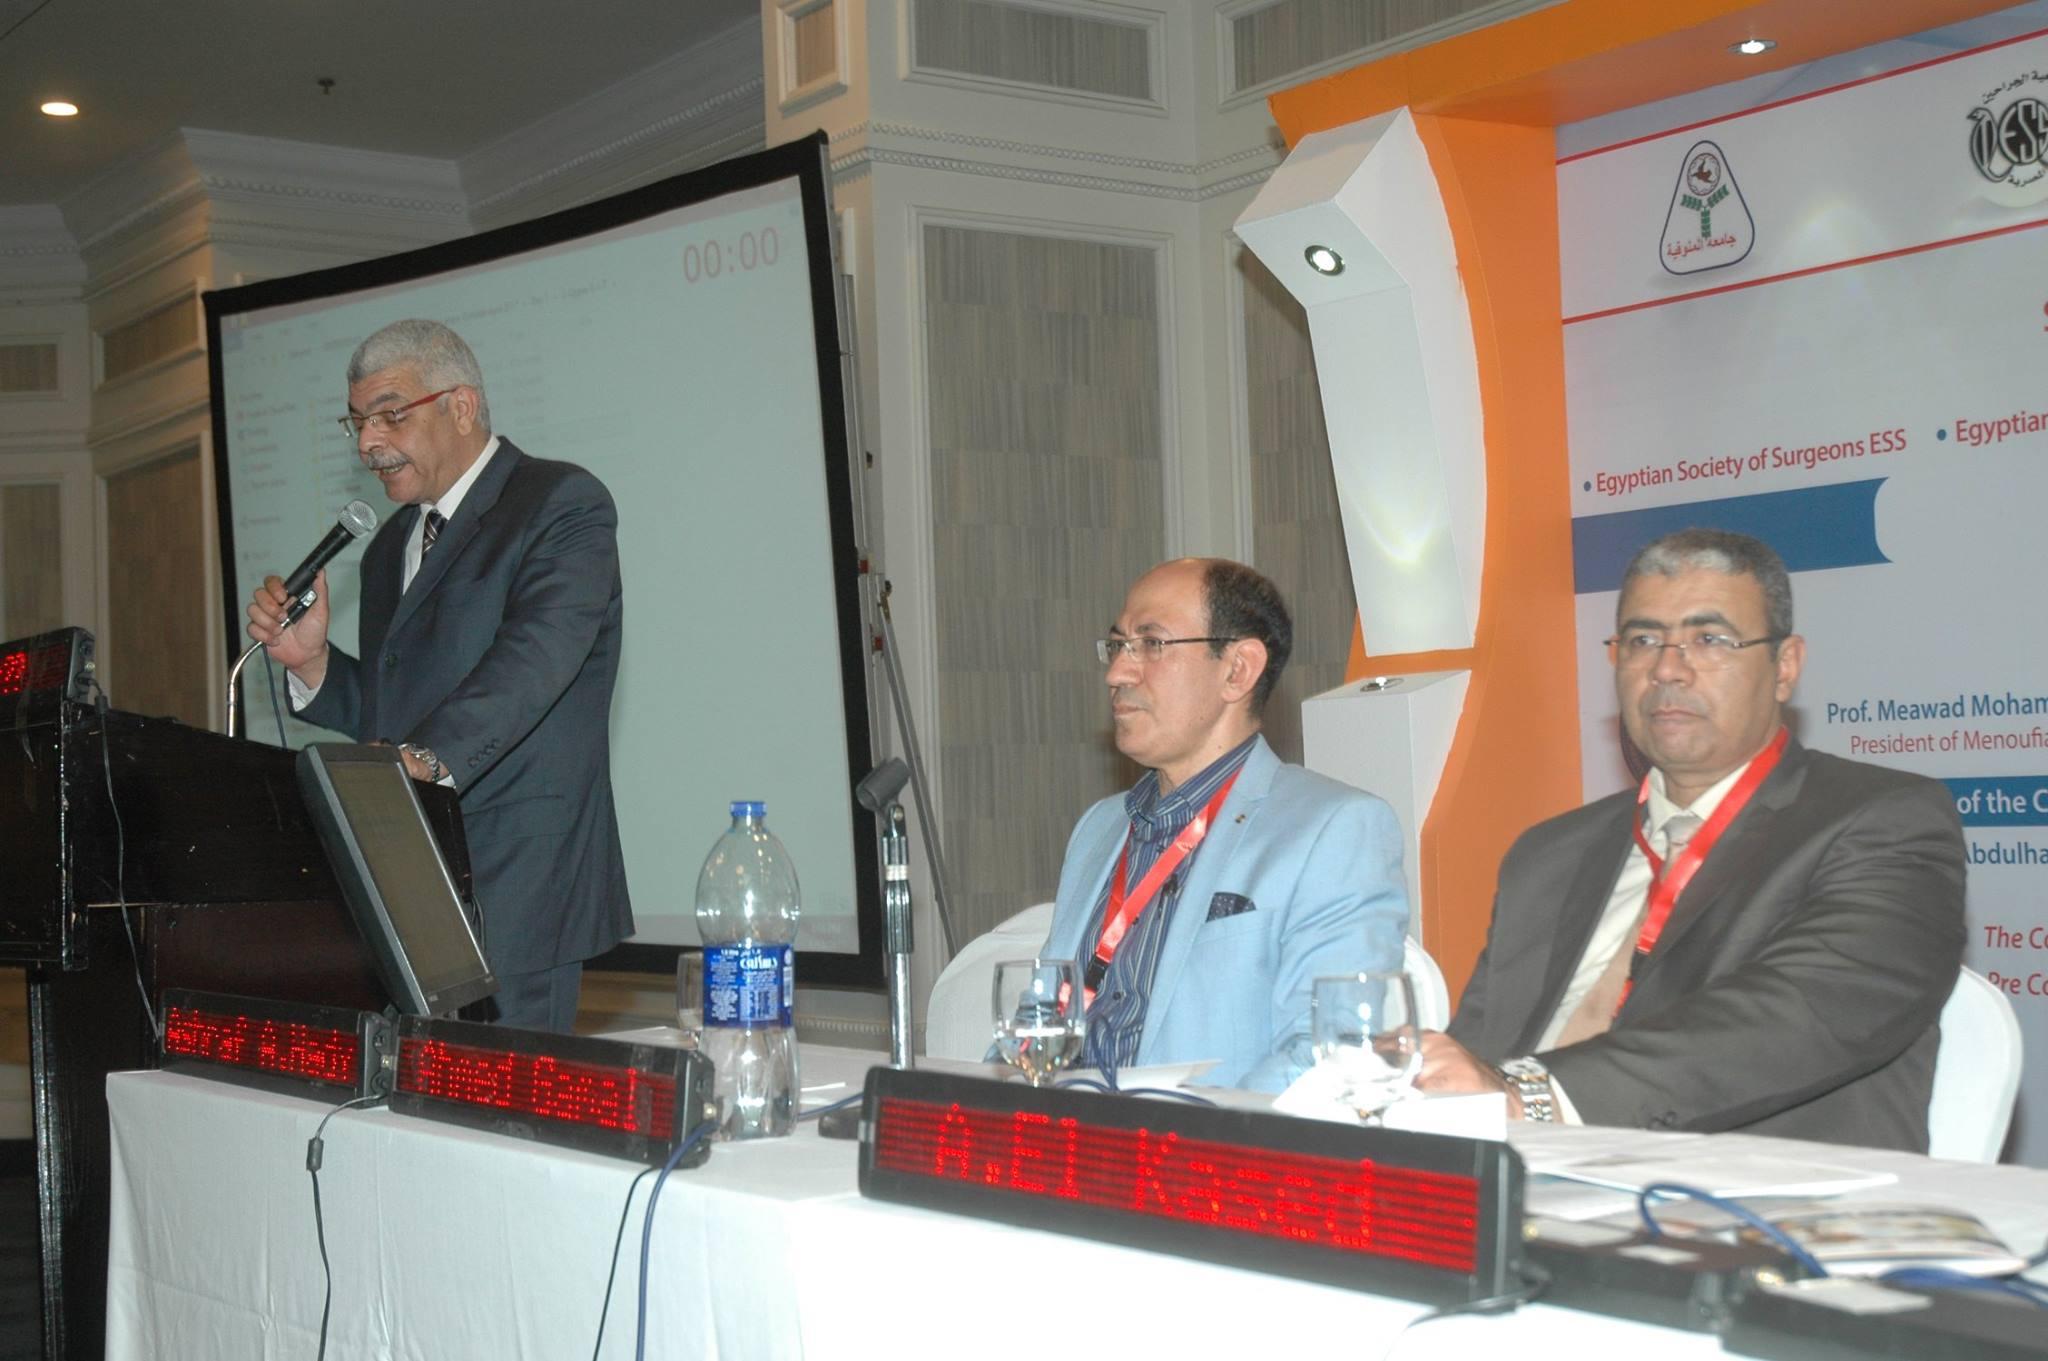 فعاليات المؤتمر السنوي لقسم الجراحة بكلية الطب جامعة المنوفية